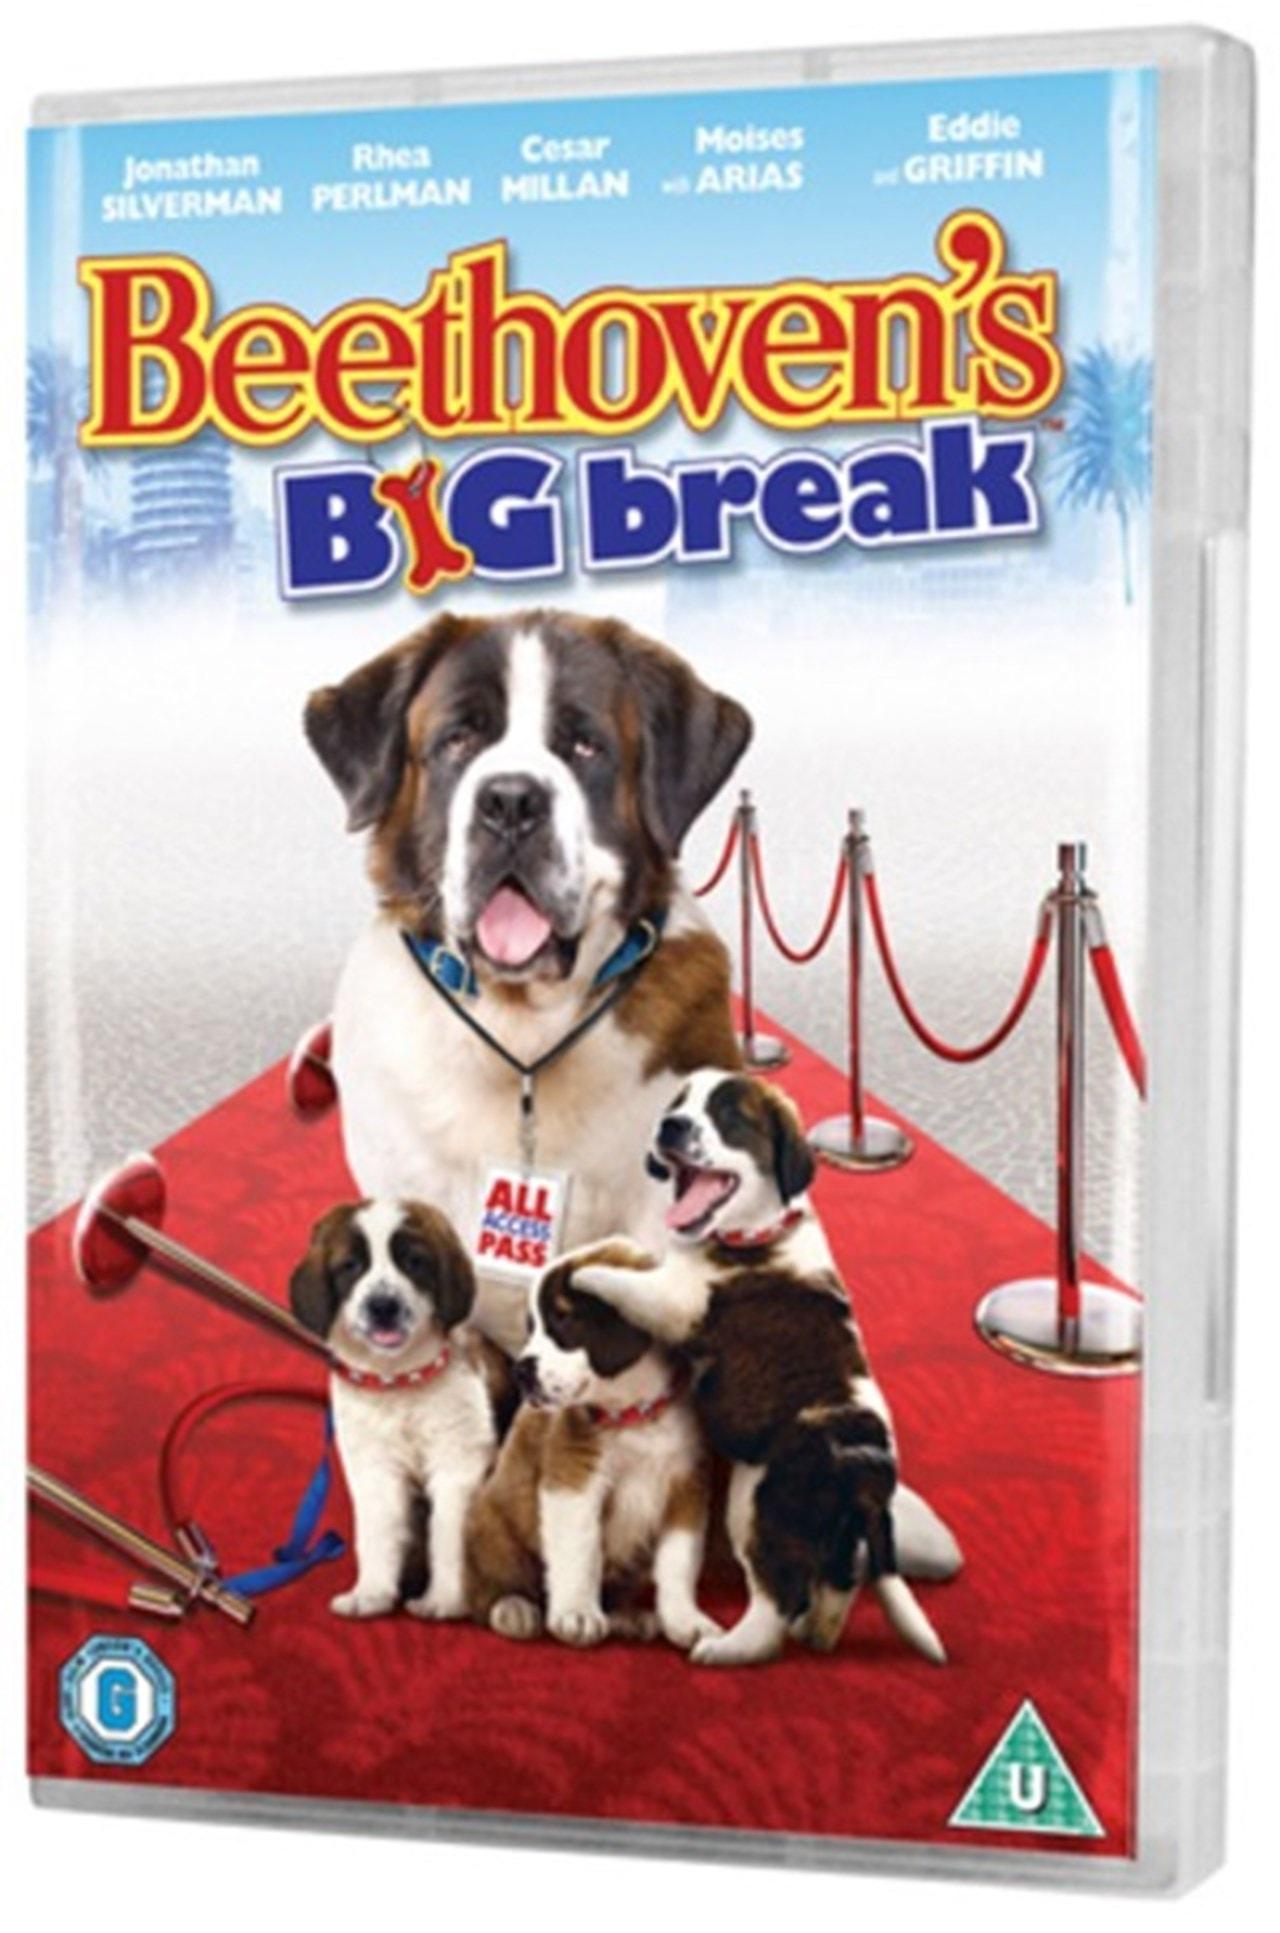 Beethoven's Big Break - 1